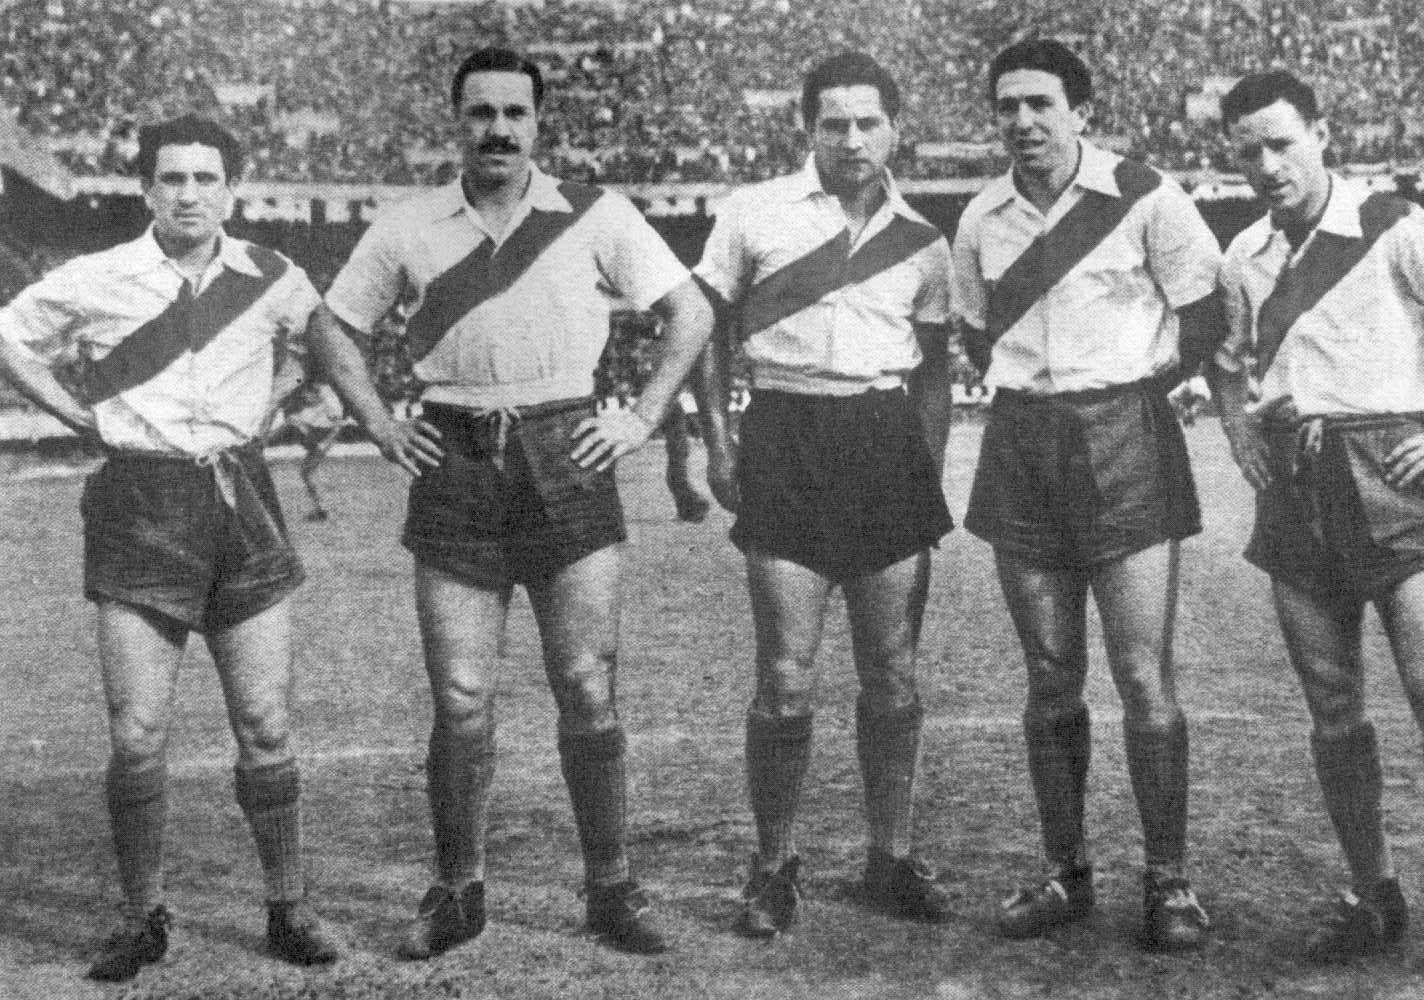 La Maquina de River, José Manuel Moreno est le deuxième en partant de la gauche